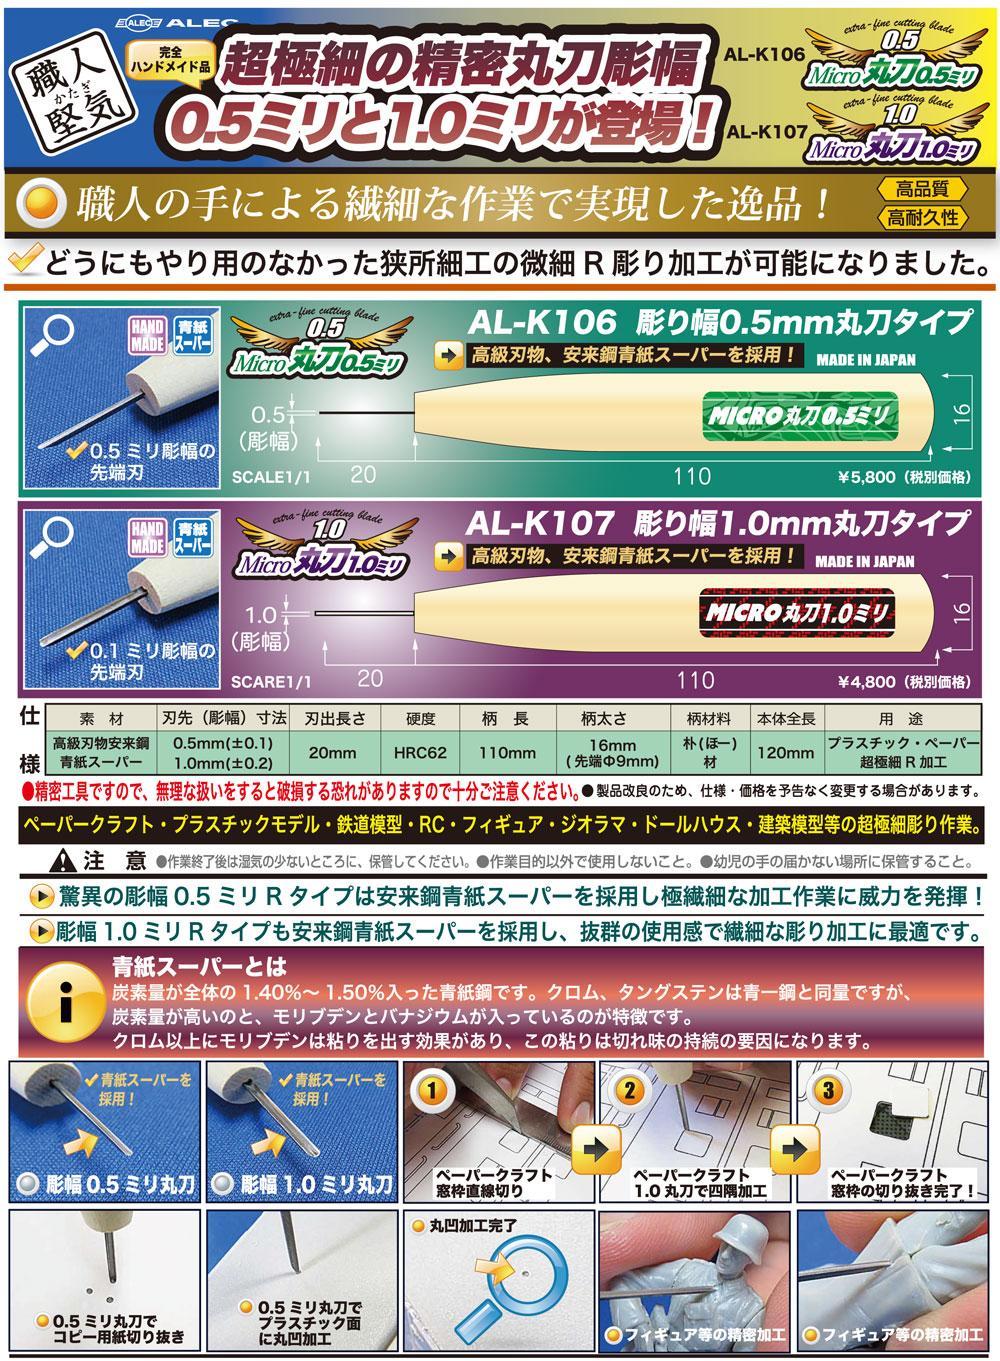 超極細精密丸刀 Micro 丸刃 1.0ミリ彫刻刀(シモムラアレック職人堅気No.AL-K107)商品画像_2